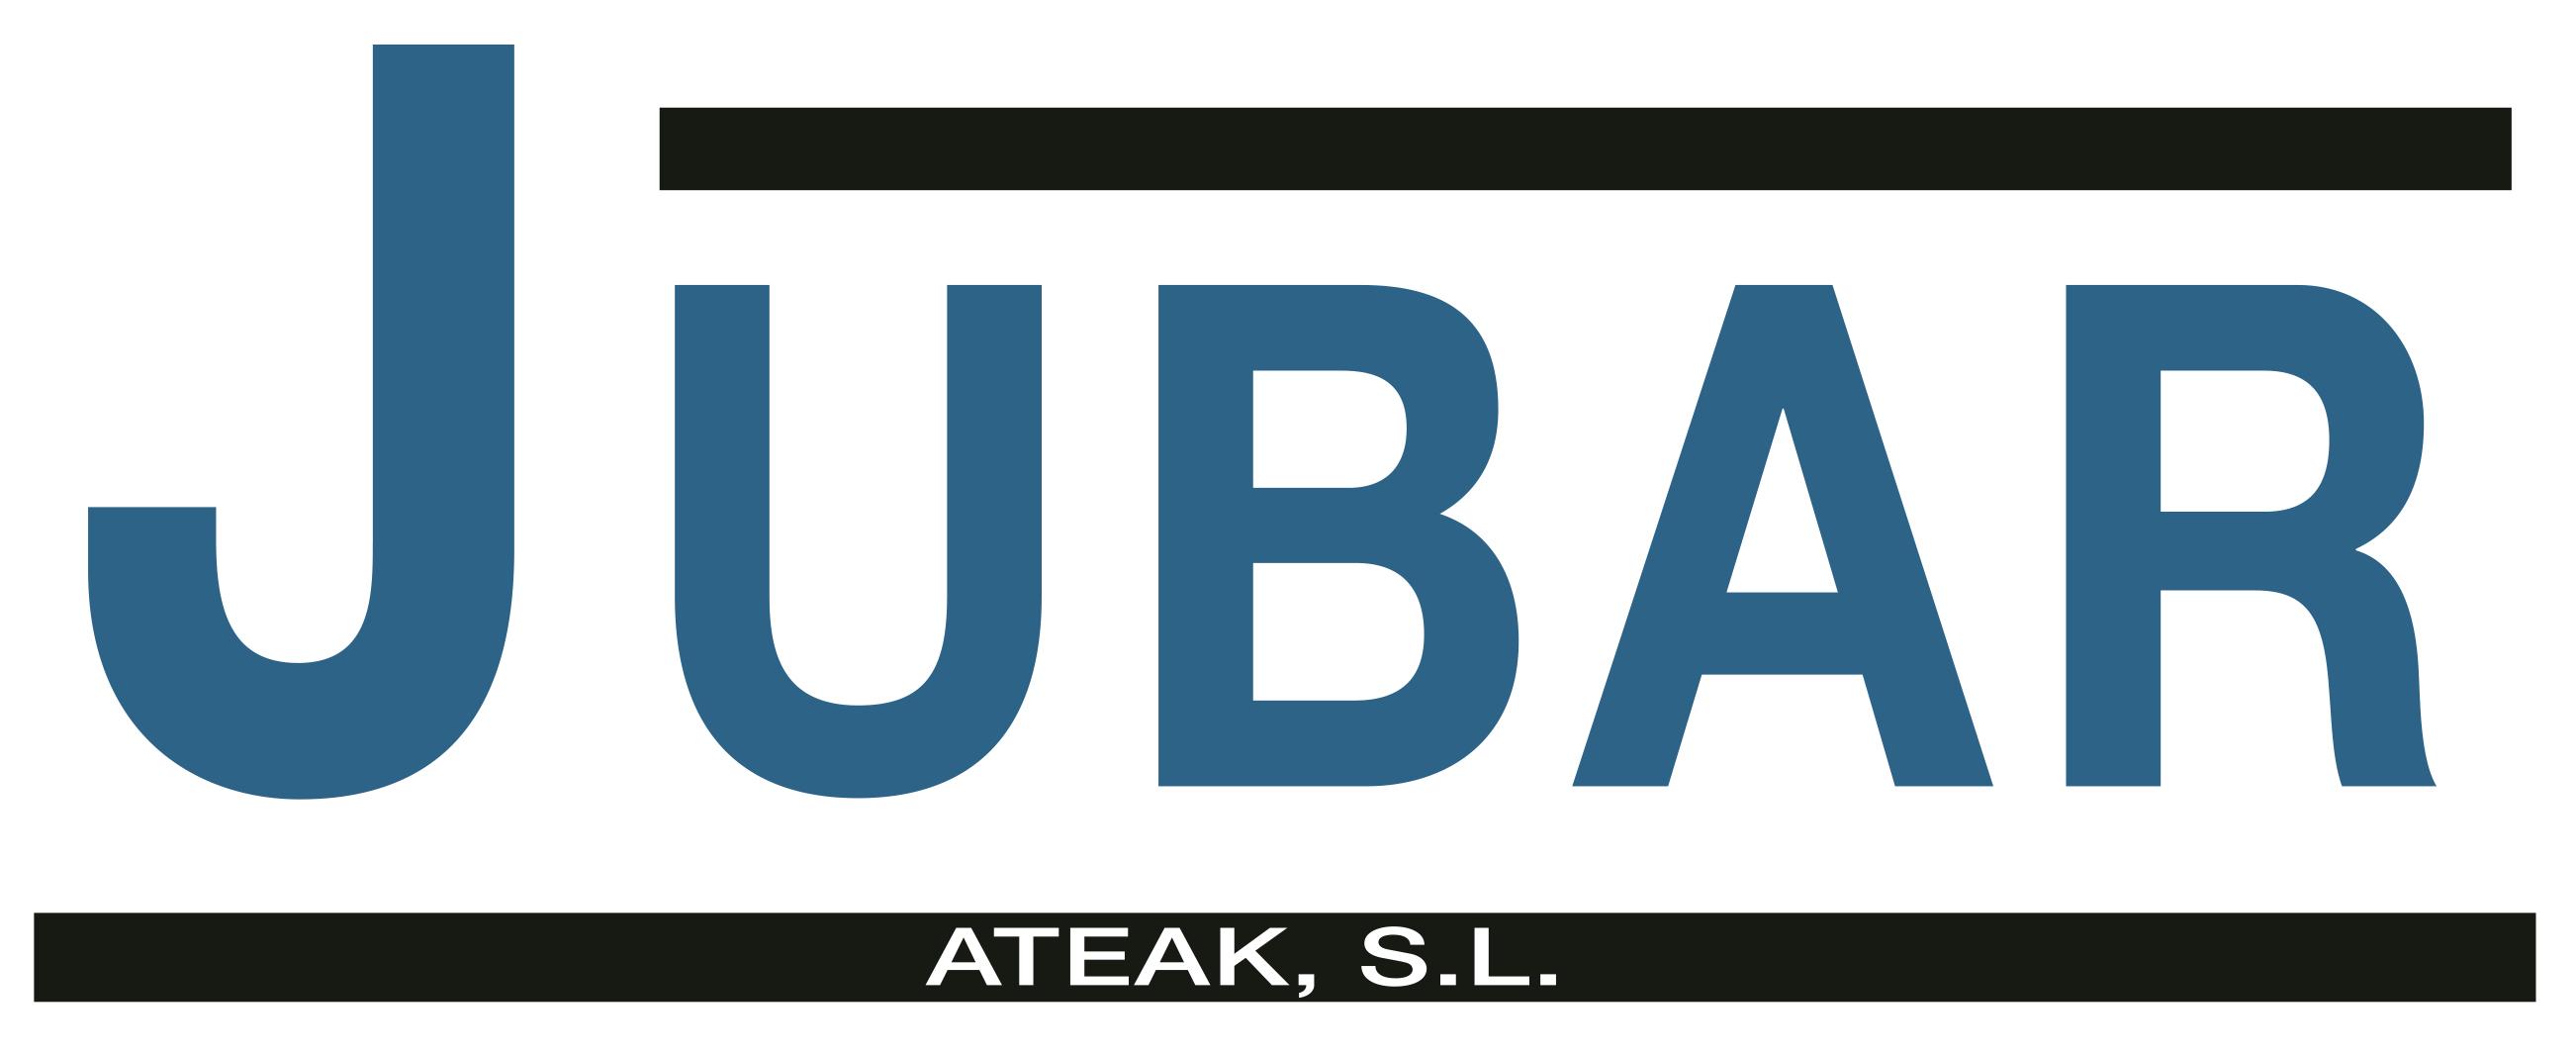 Jubar Ateak